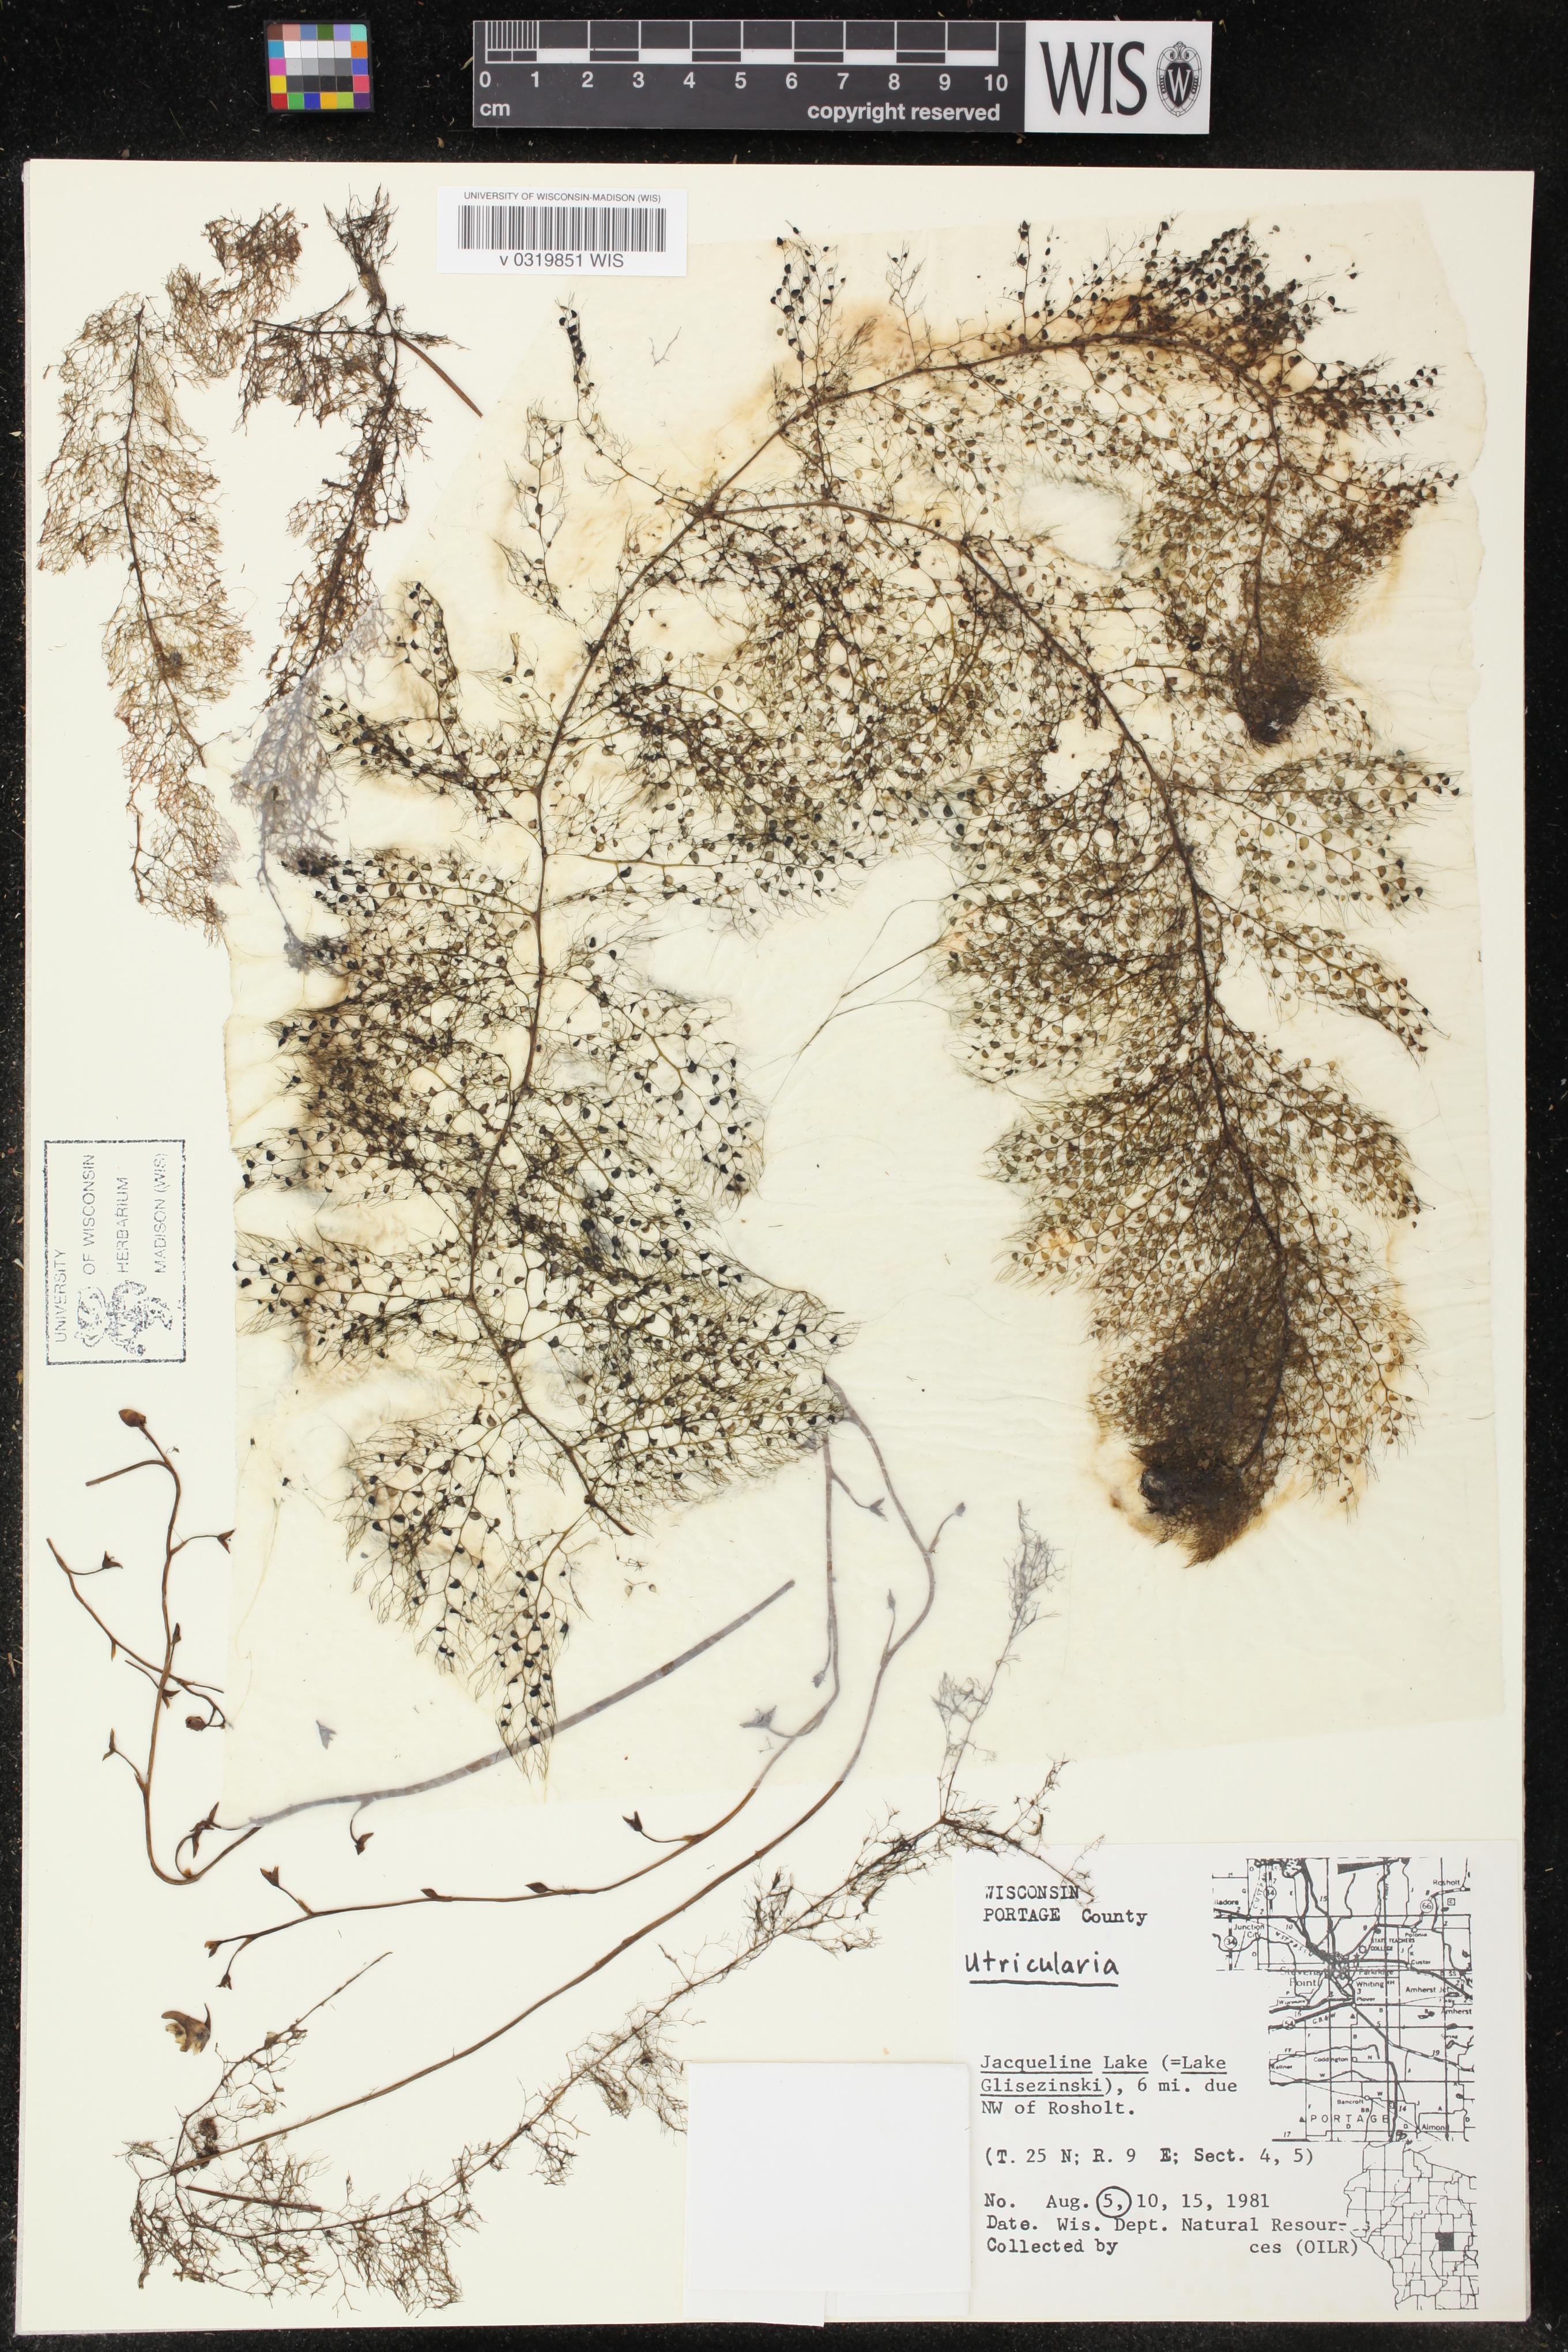 Image of Utricularia